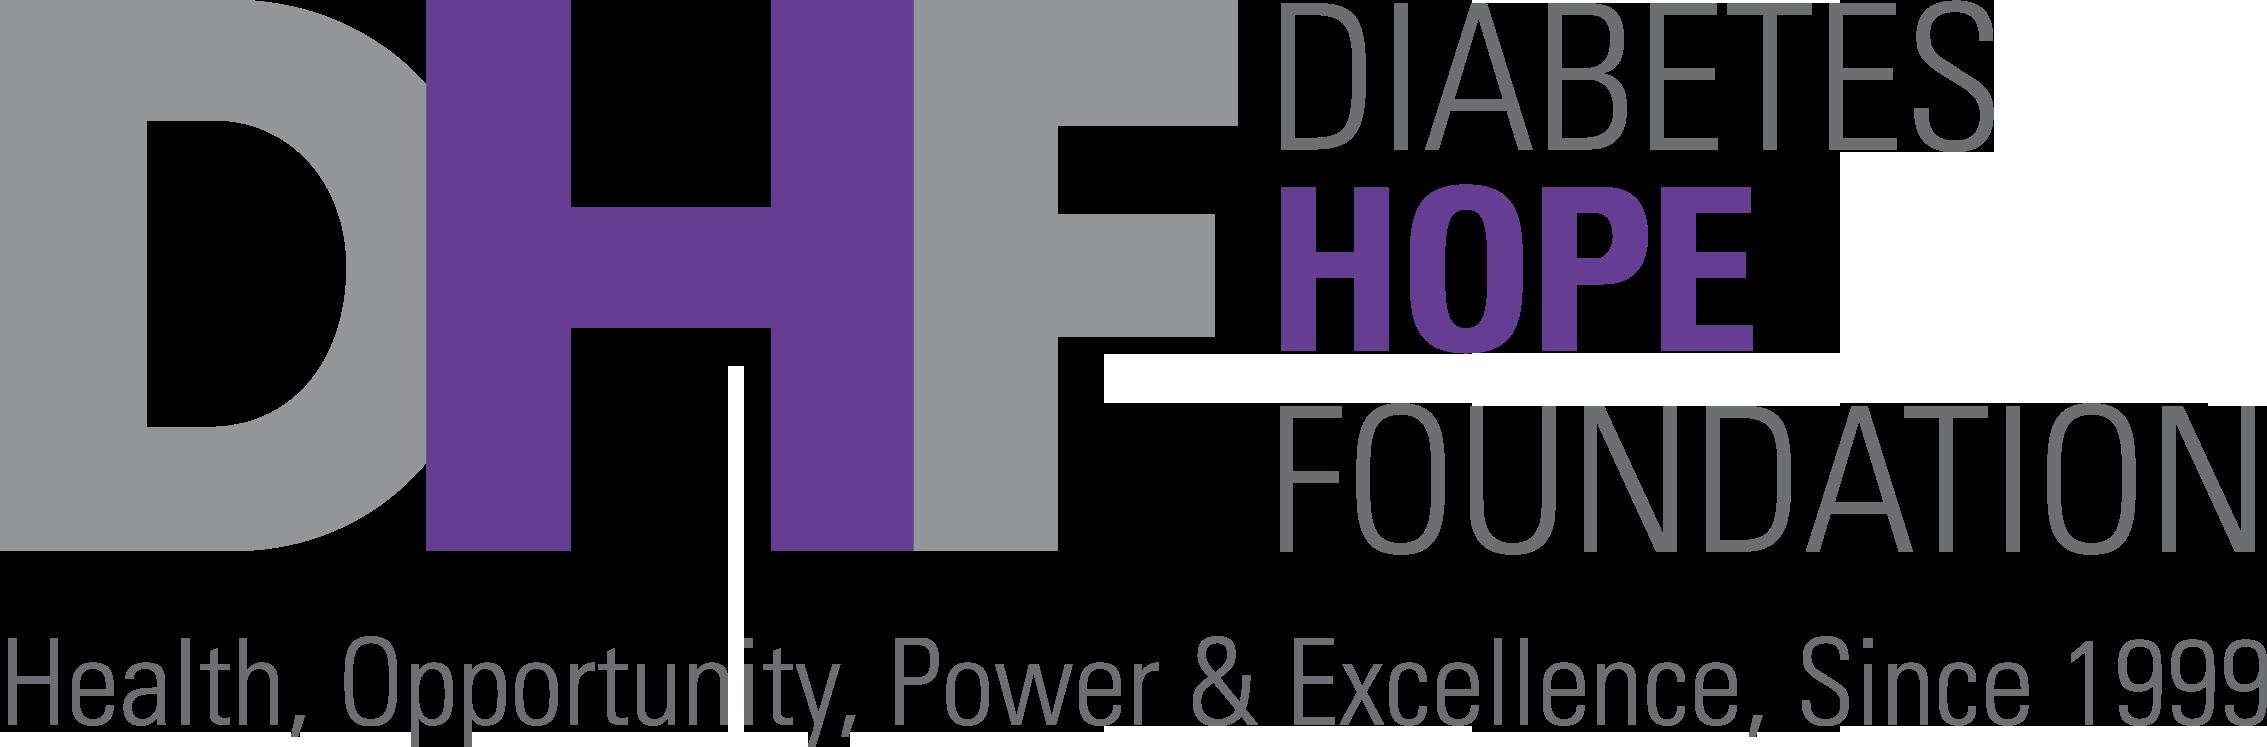 Diabetes Hope Foundation